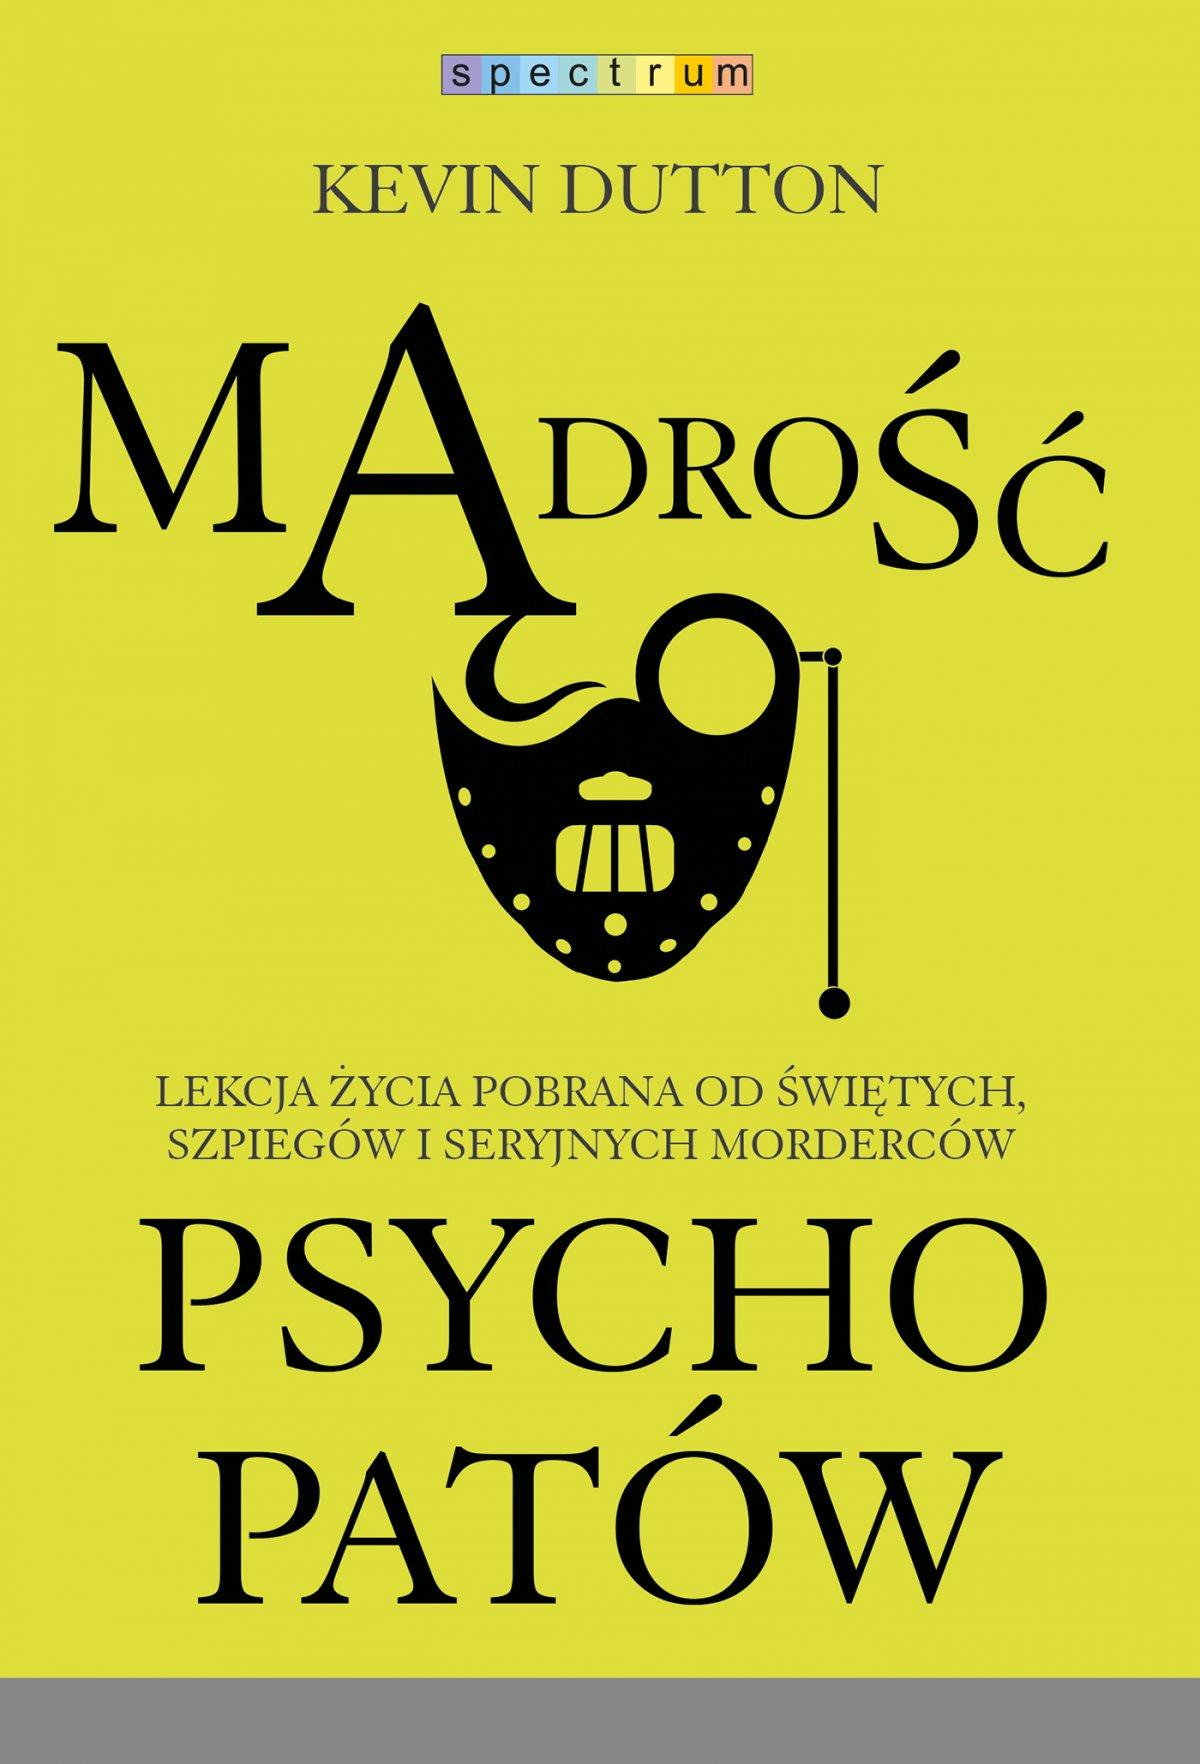 Mądrość psychopatów - Ebook (Książka EPUB) do pobrania w formacie EPUB